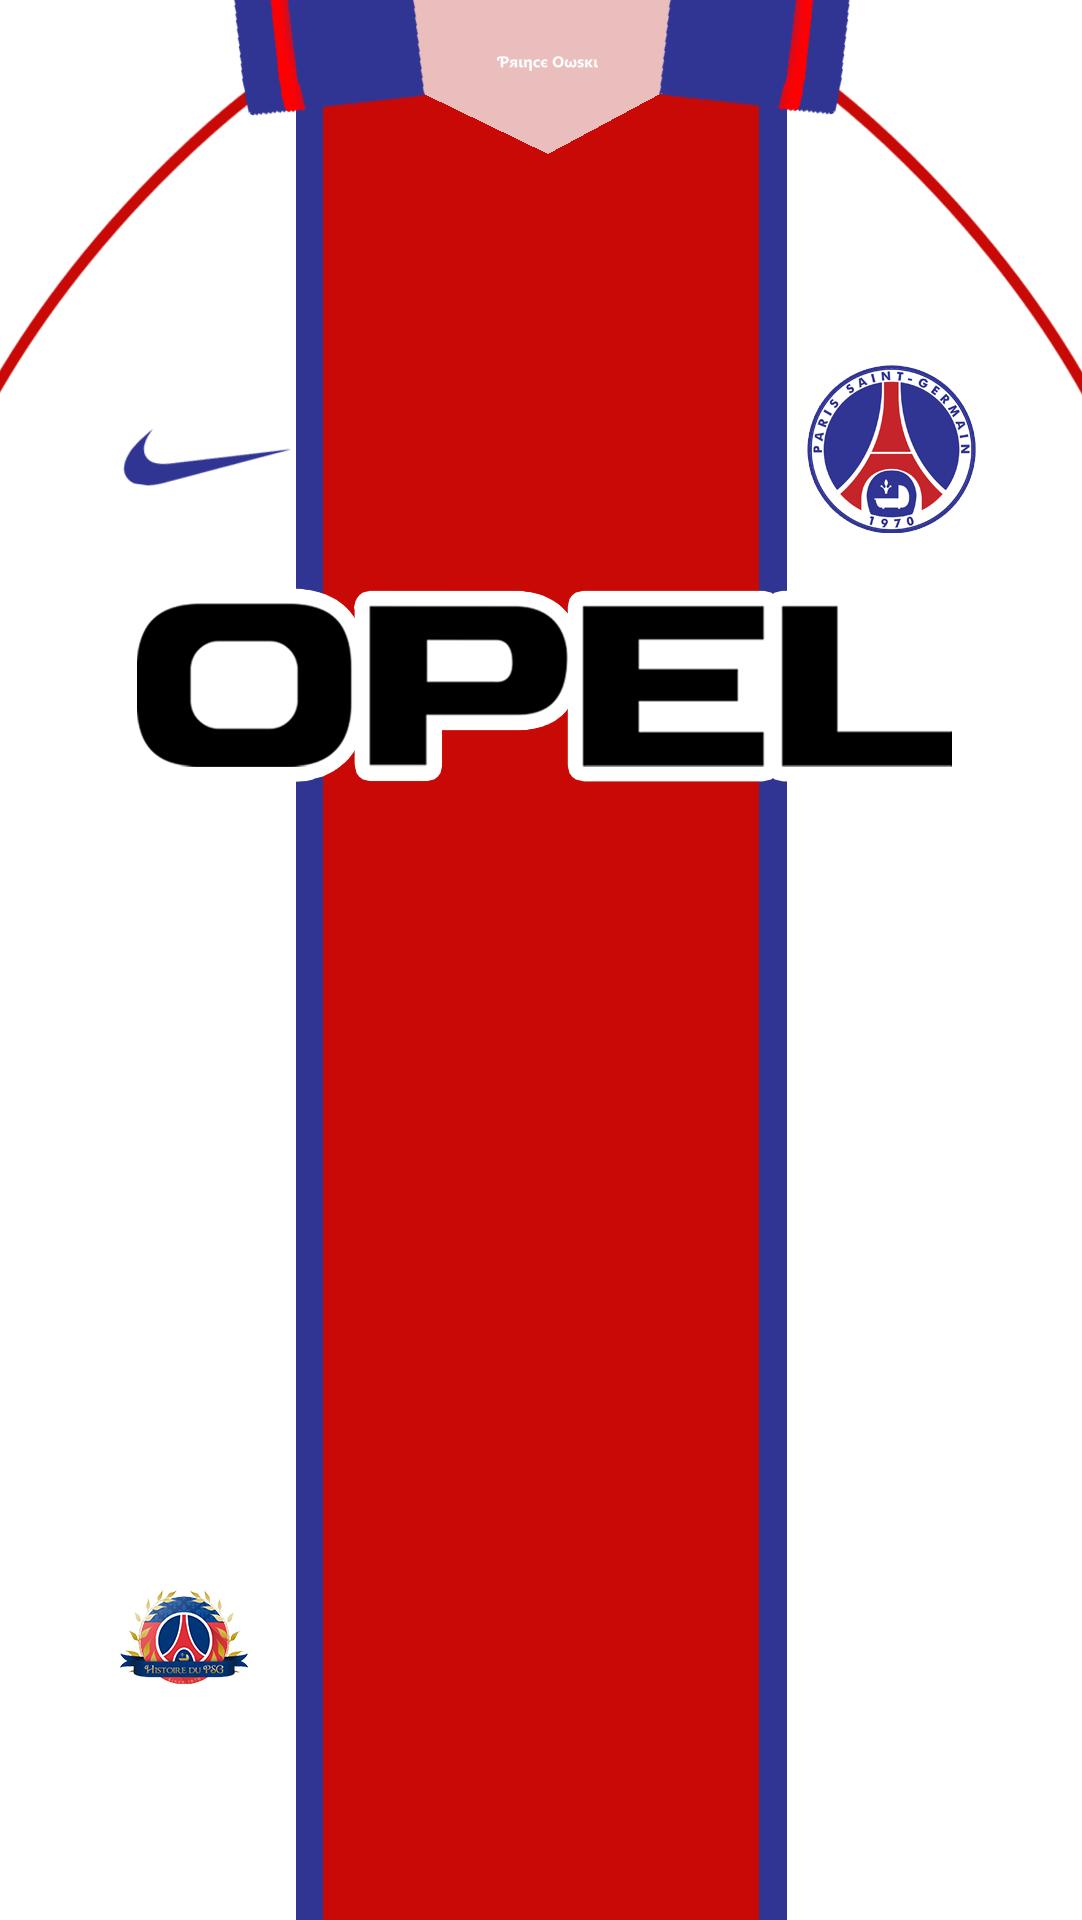 Fond-d'ecran-maillot-PSG-96-97-Ext-C2